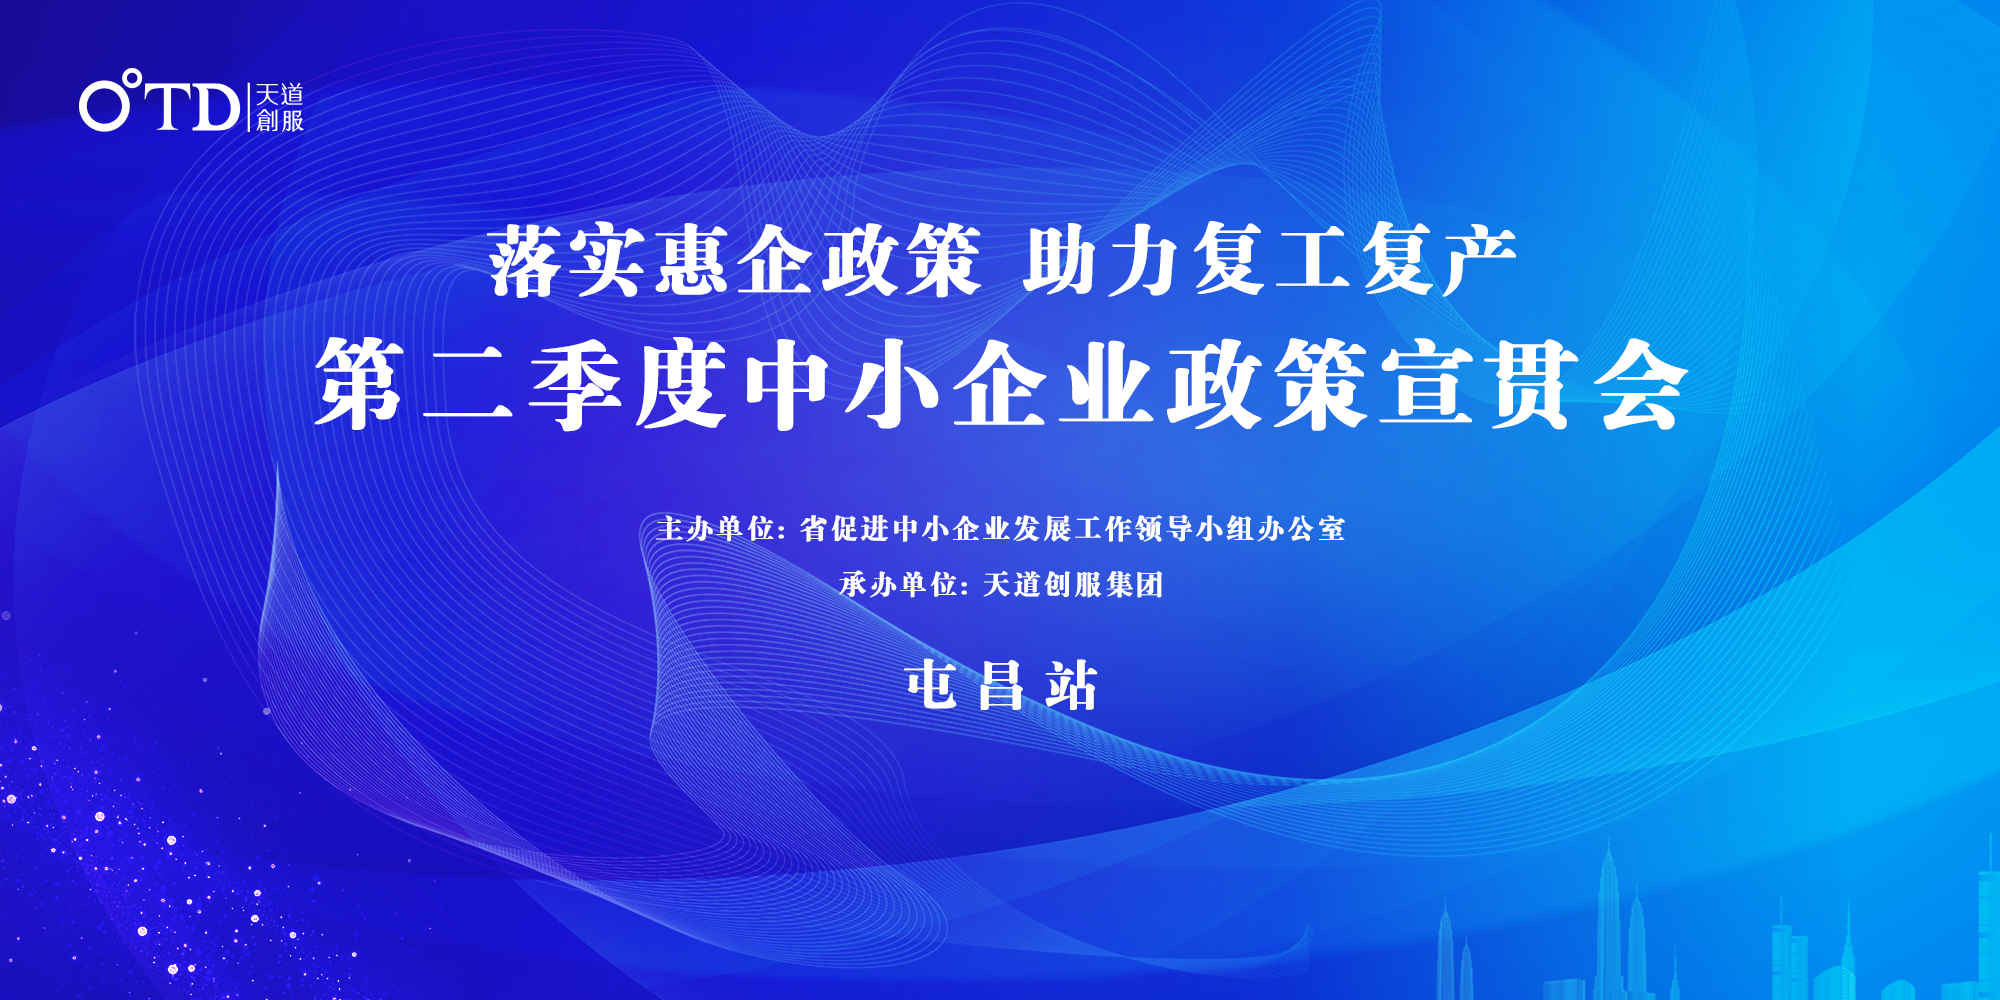 第二季度中小企业政策宣贯会|屯昌站